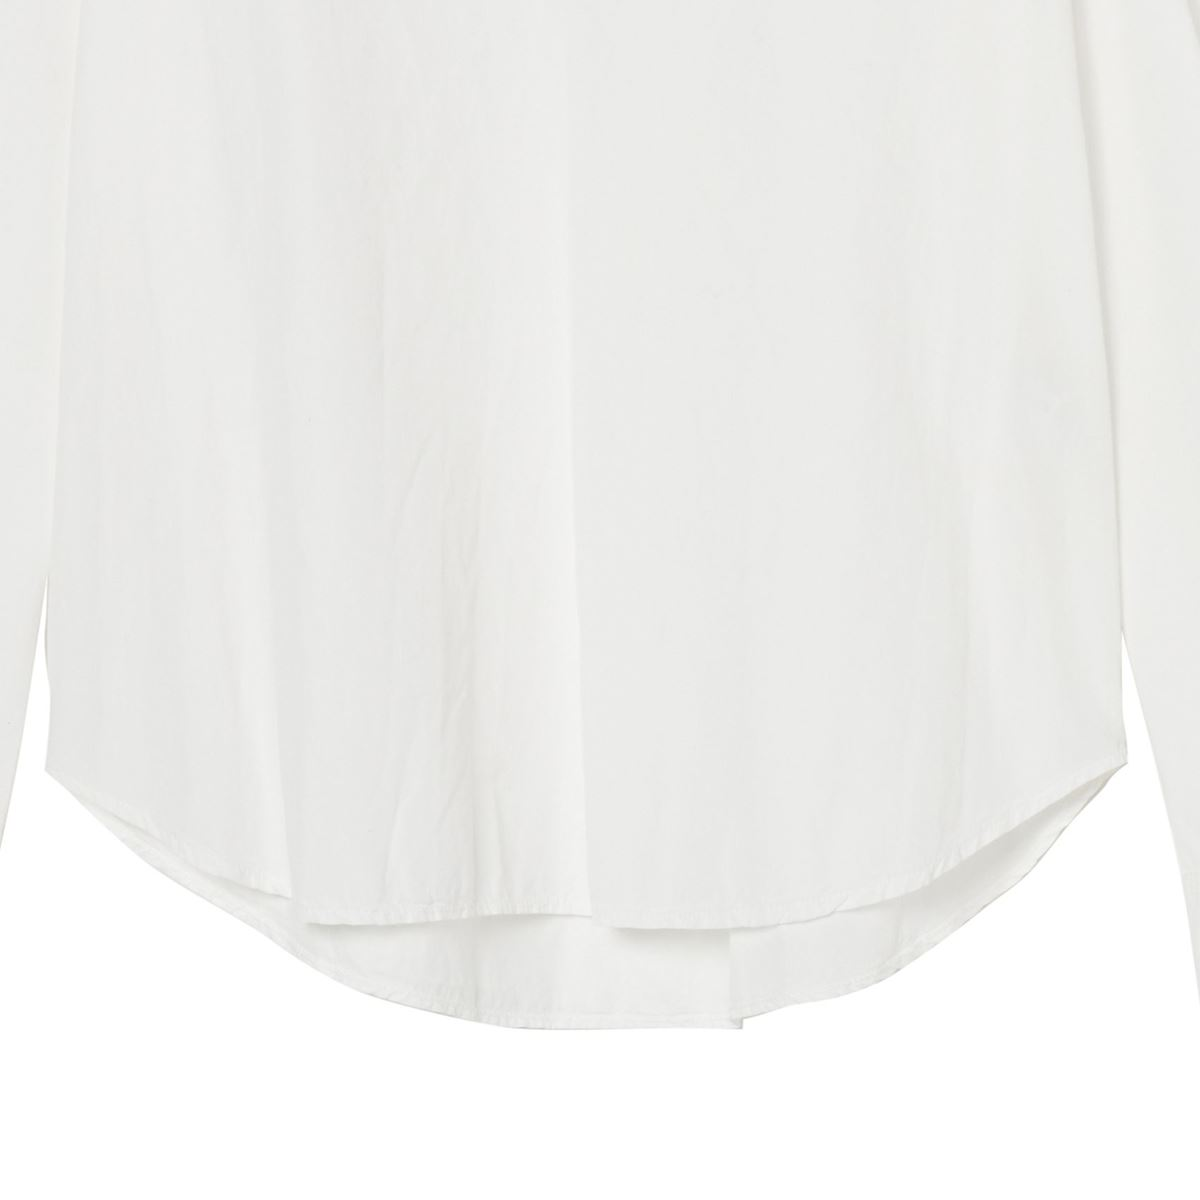 [2021秋冬]  EUROPEAN CULTURE[ヨーロピアンカルチャー]  659U 3183-1106 シャツ ホワイト